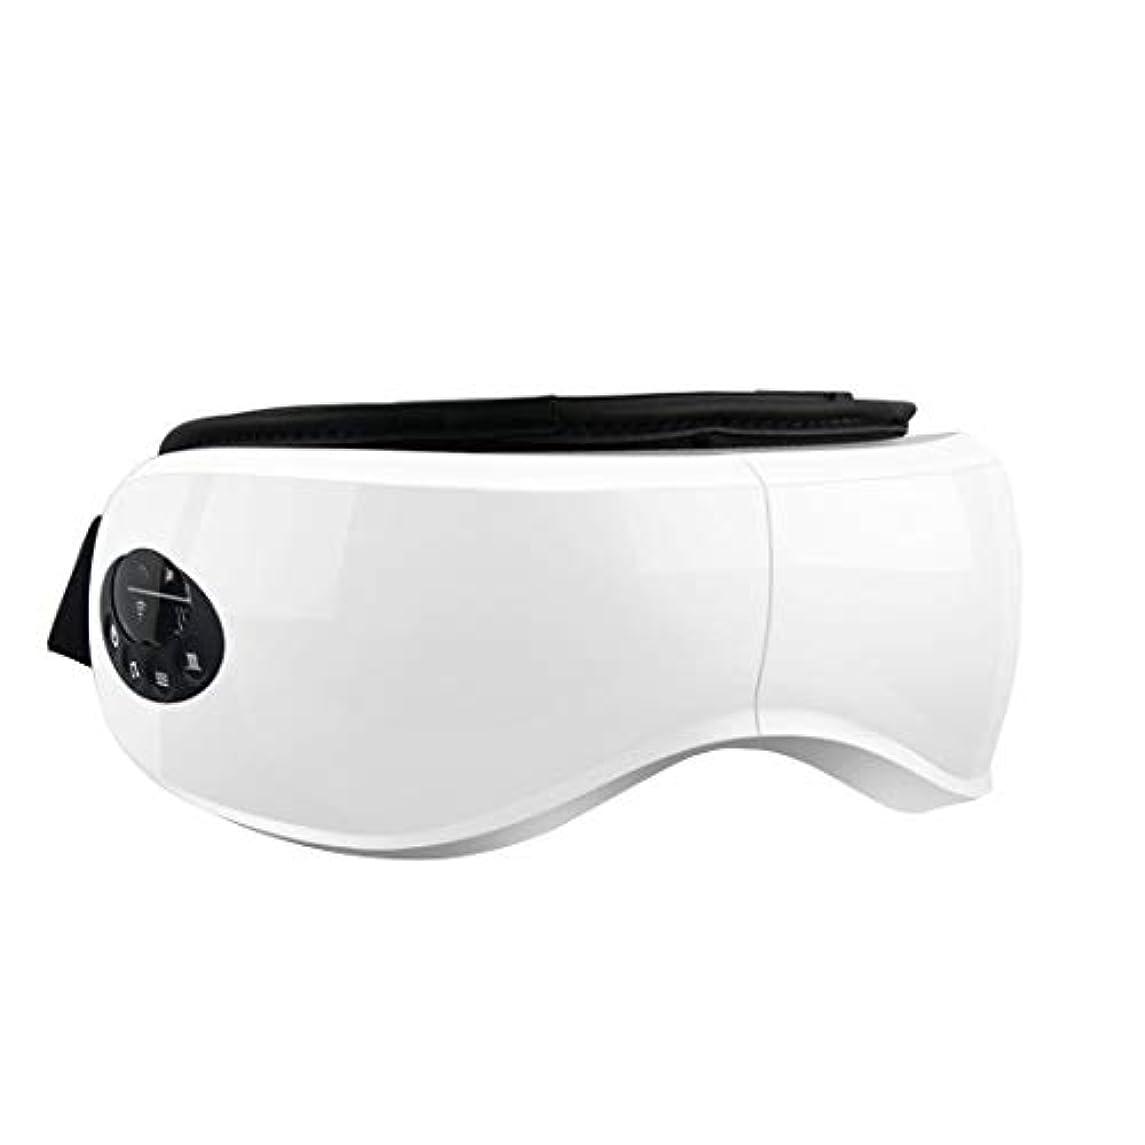 ファランクス速度午後方朝日スポーツ用品店 空気圧振動を伴う電気アイテンプルマッサージアイリラックス視力治療のための熱圧迫ストレス疲労